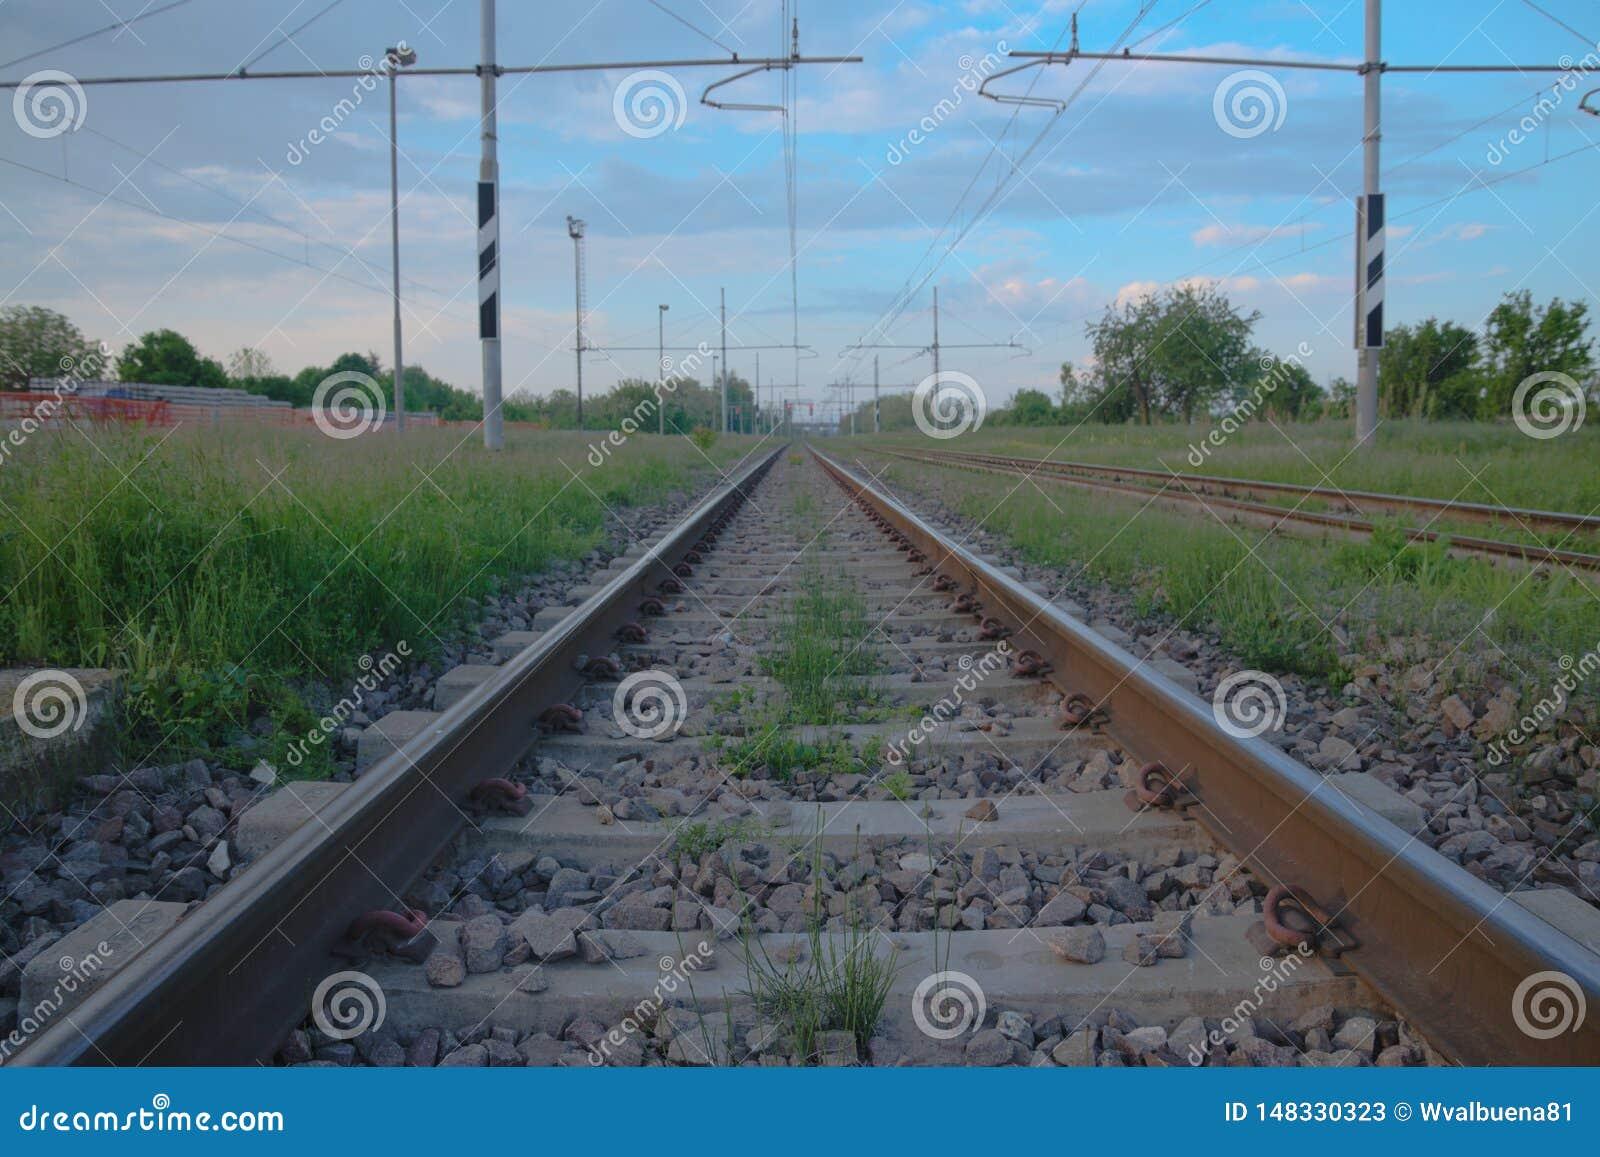 横跨意大利乡下的铁路轨道